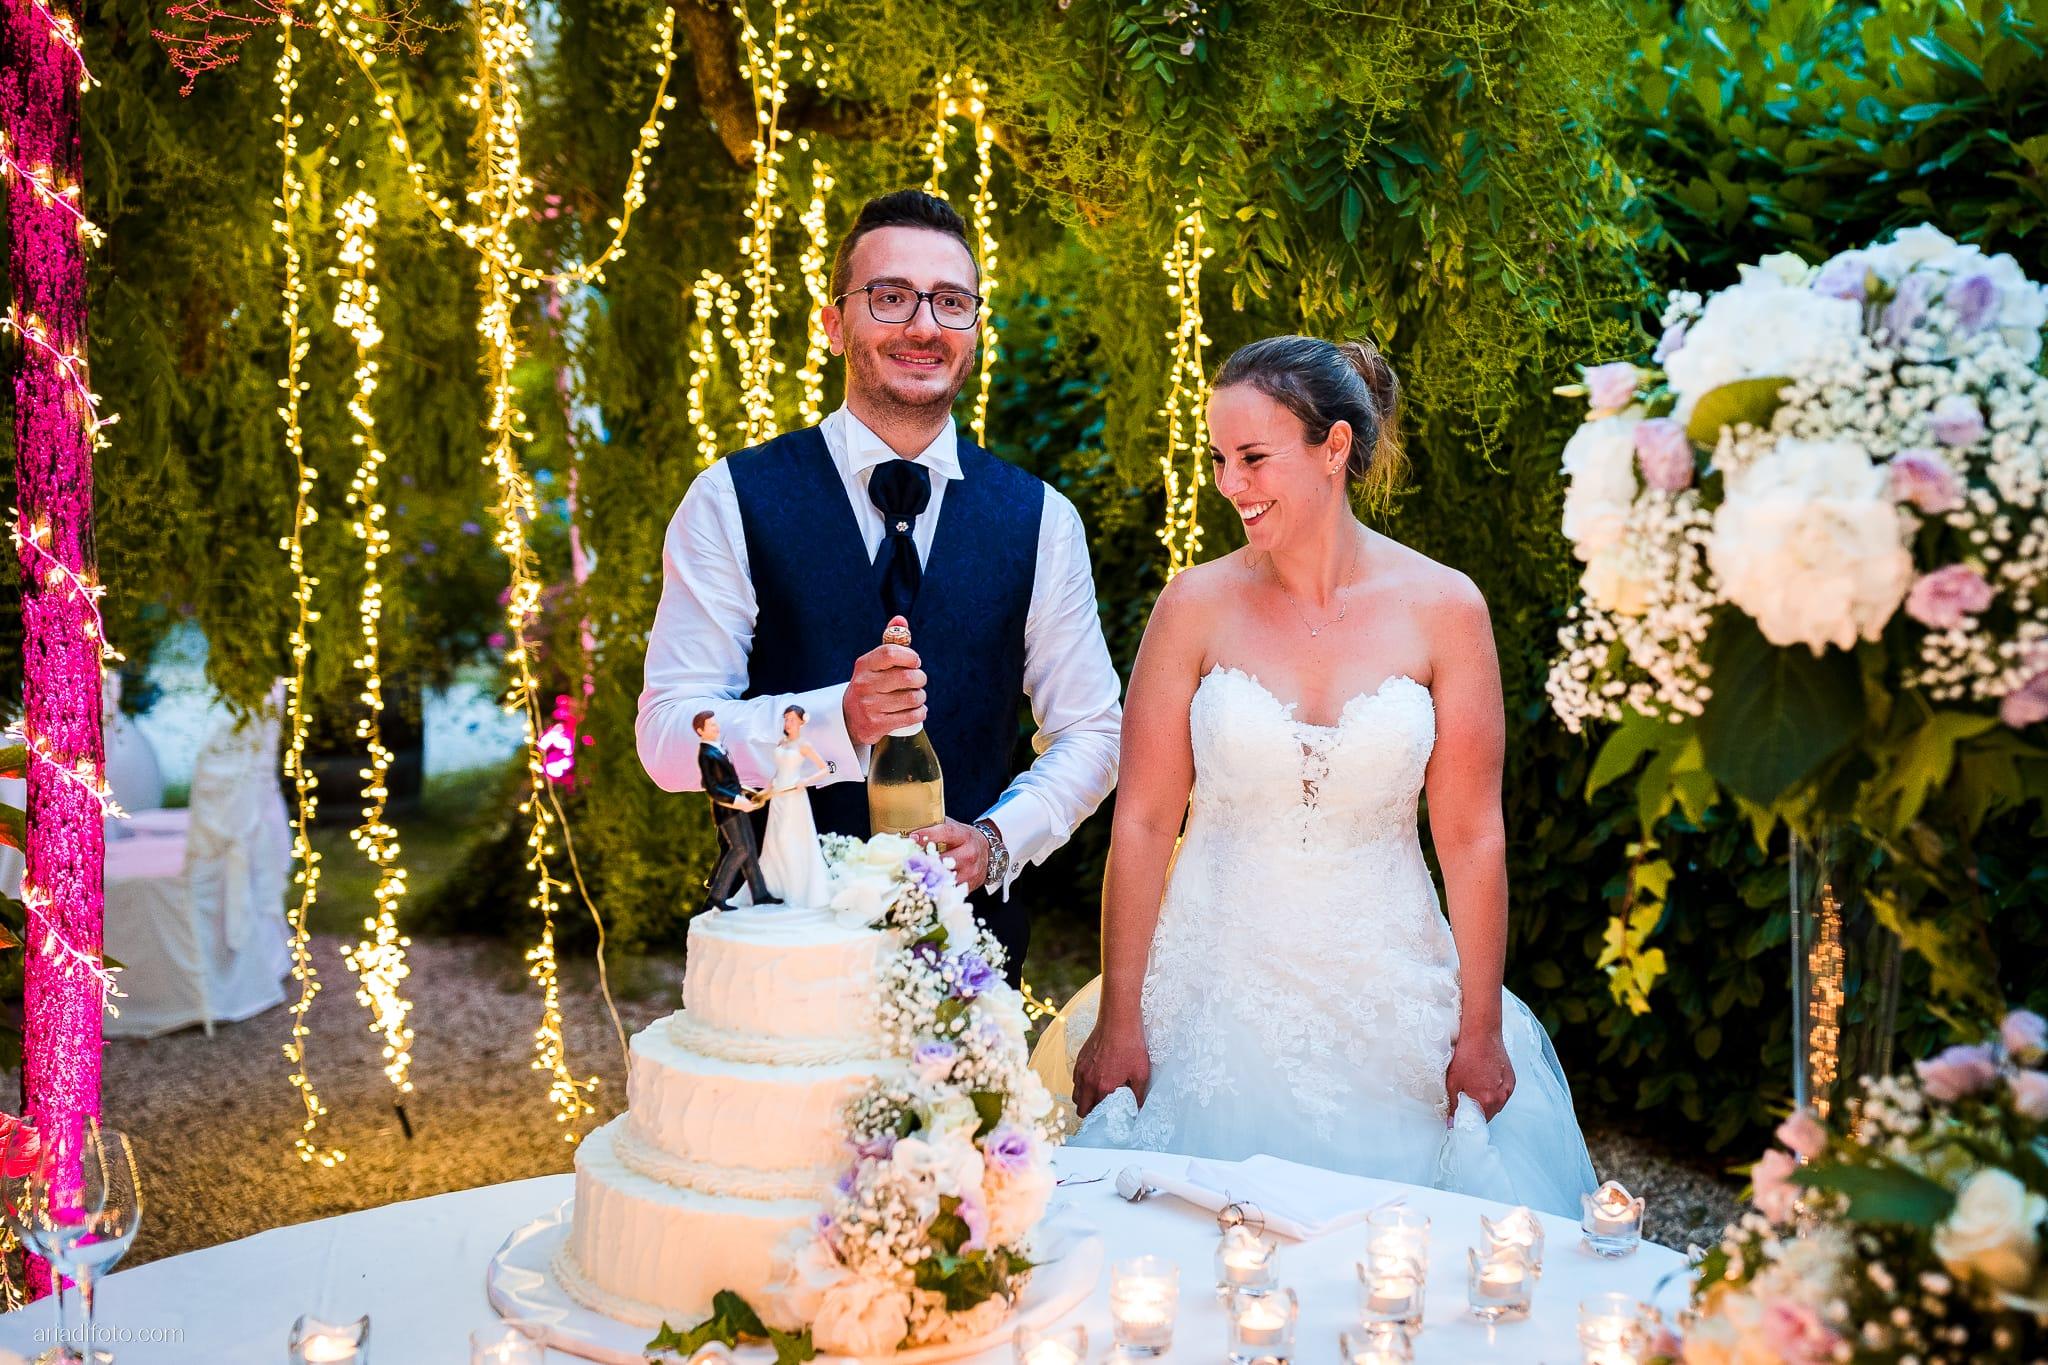 Anna Matteo Matrimonio Parco di Buttrio Udine ricevimento taglio della torta